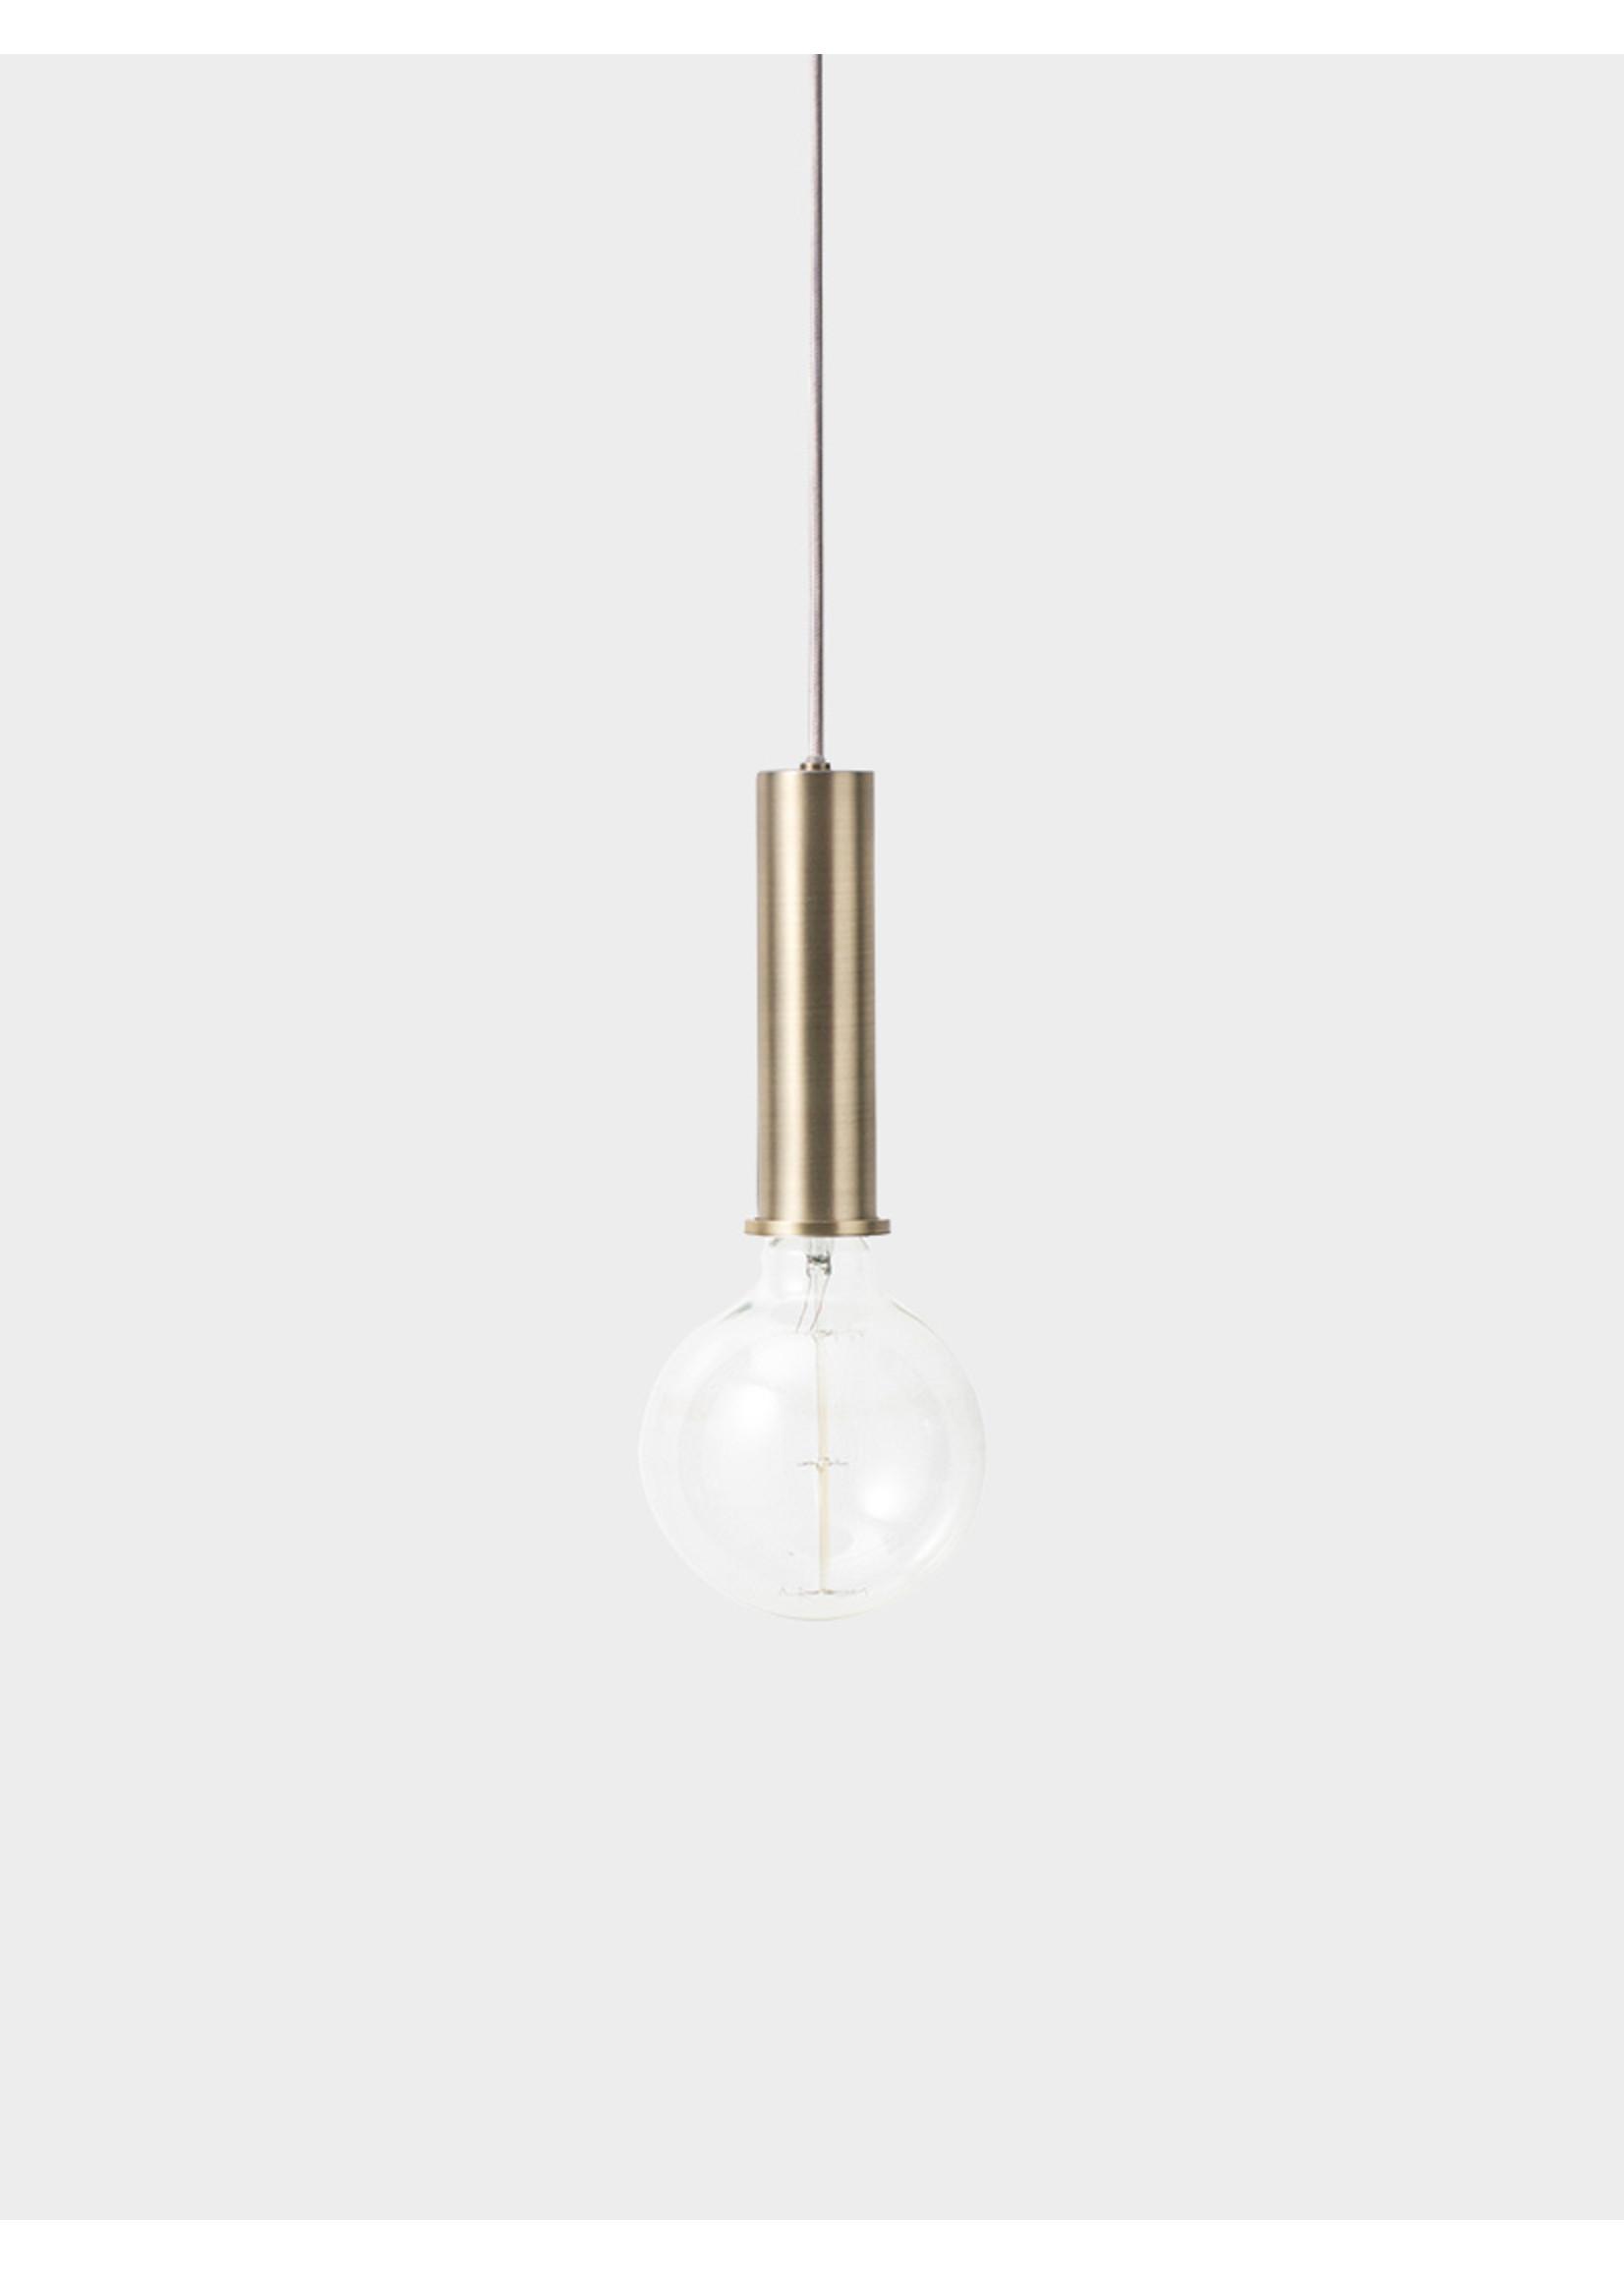 ferm LIVING ferm LIVING Lighting - High Brass Pendant & Tall Opal Shade